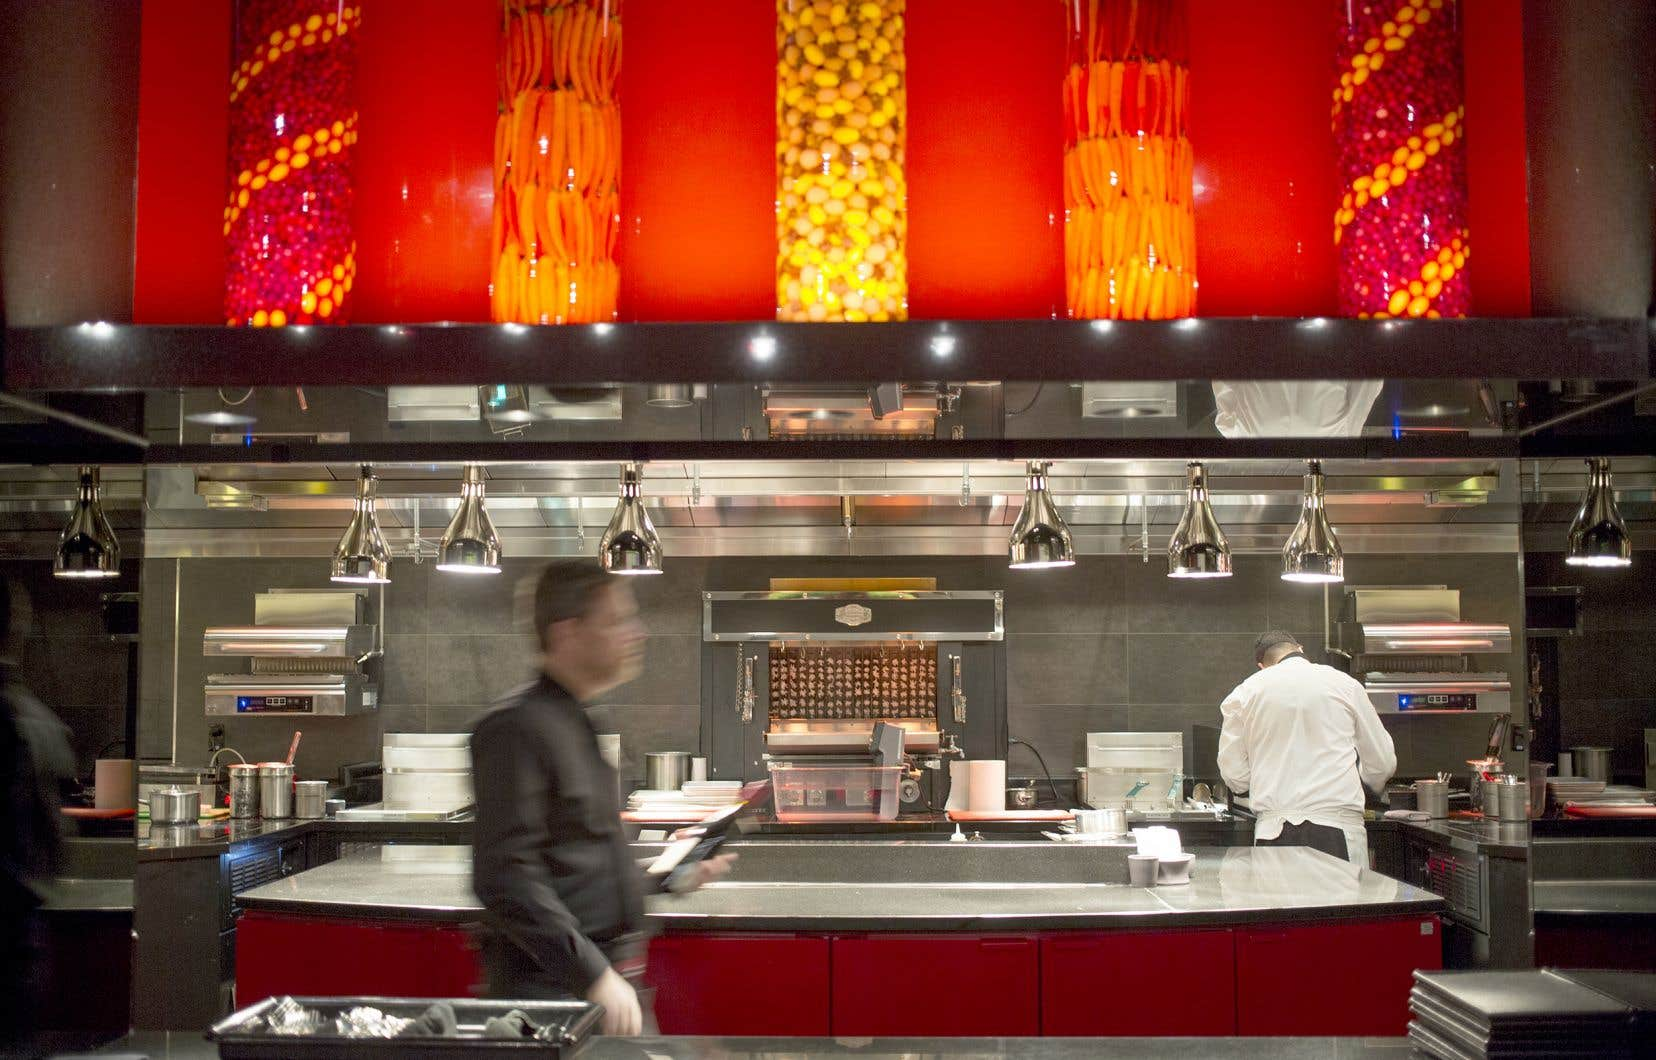 L'Atelier Joël Robuchon, restaurant gastronomique haut de gamme, a ouvert ses portes en décembre 2016.